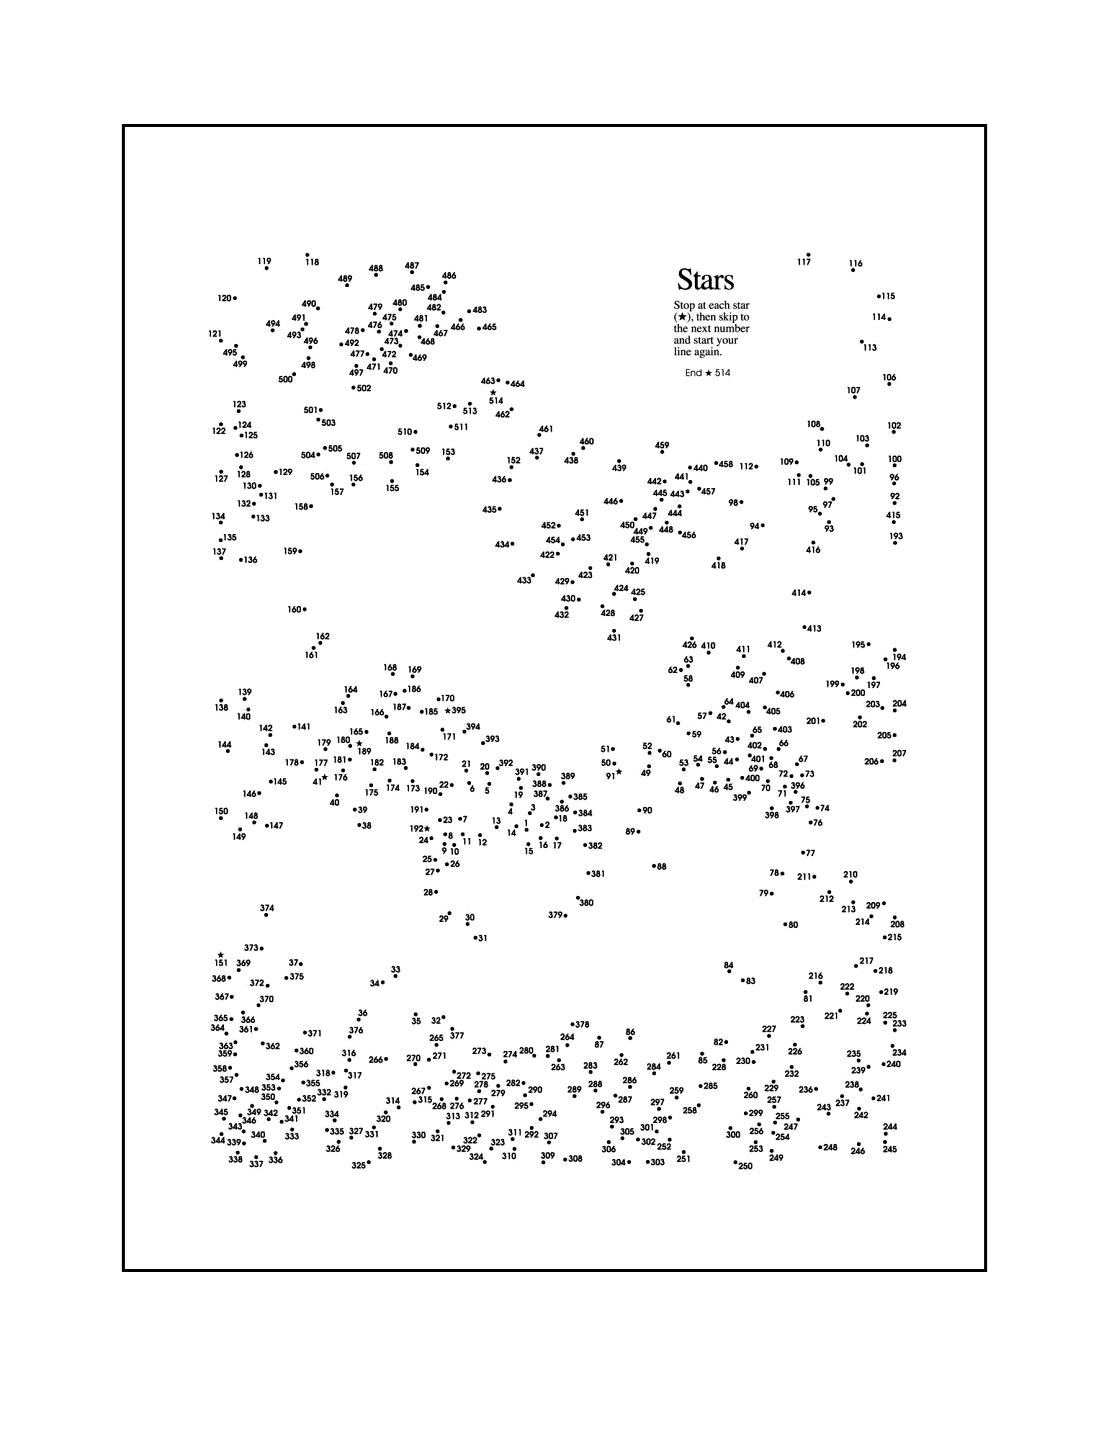 Hard Dot To Dot Printable